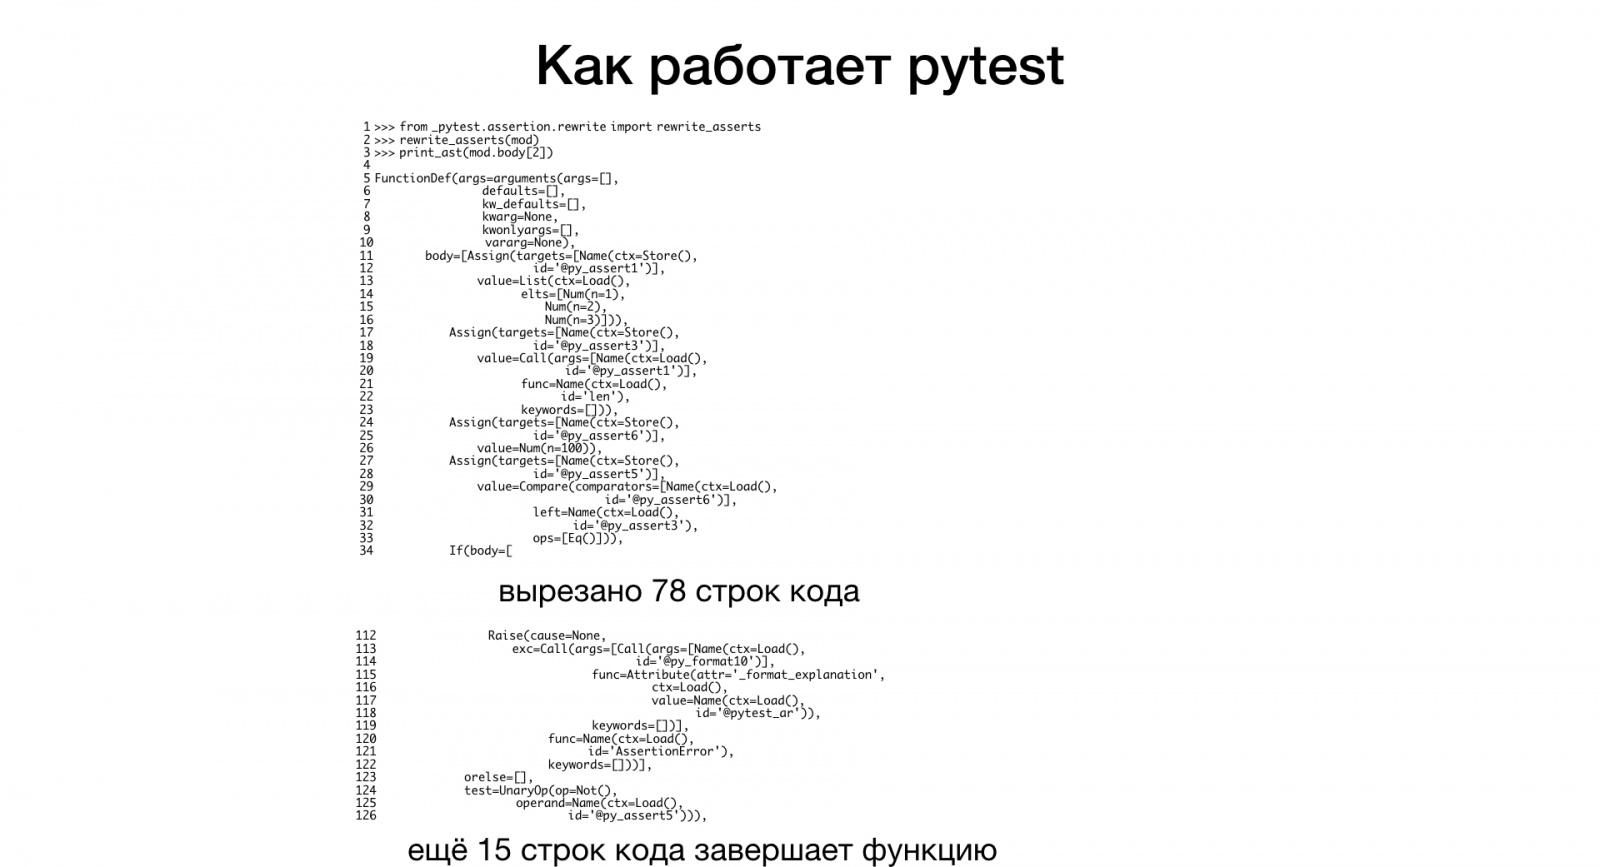 Макросы для питониста. Доклад Яндекса - 6